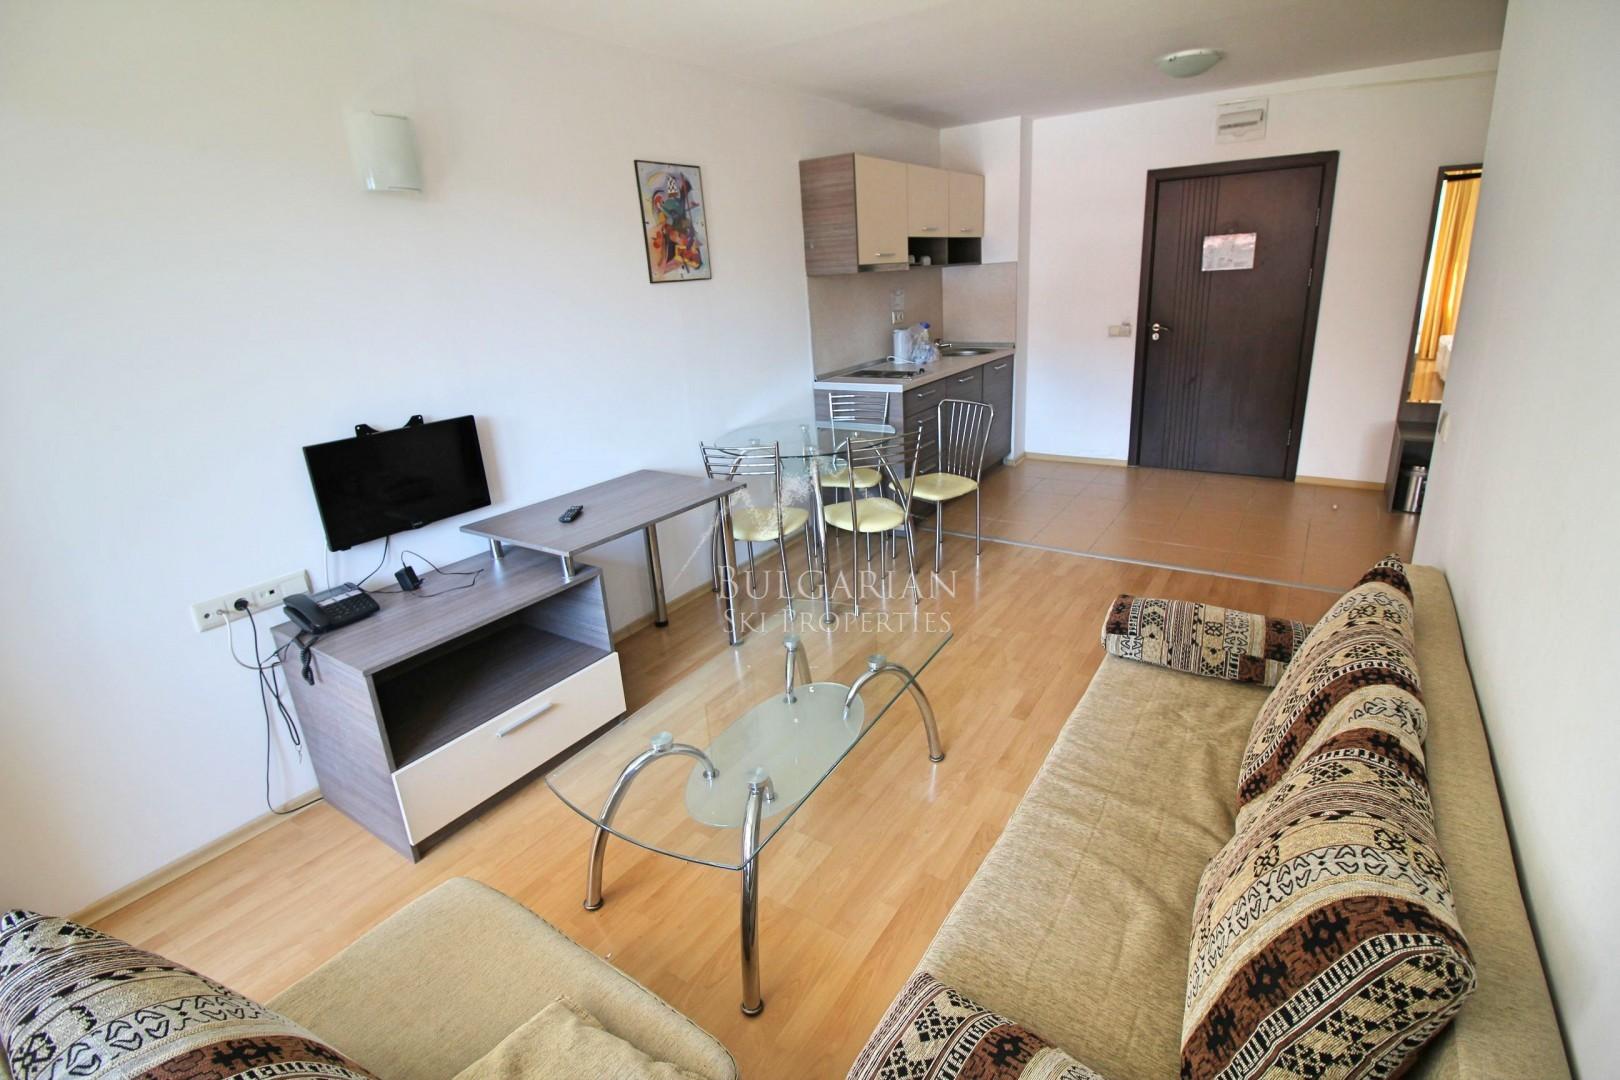 Маунтин Парадайс: южен апартамент за продажба в близост до ски лифта в Банско